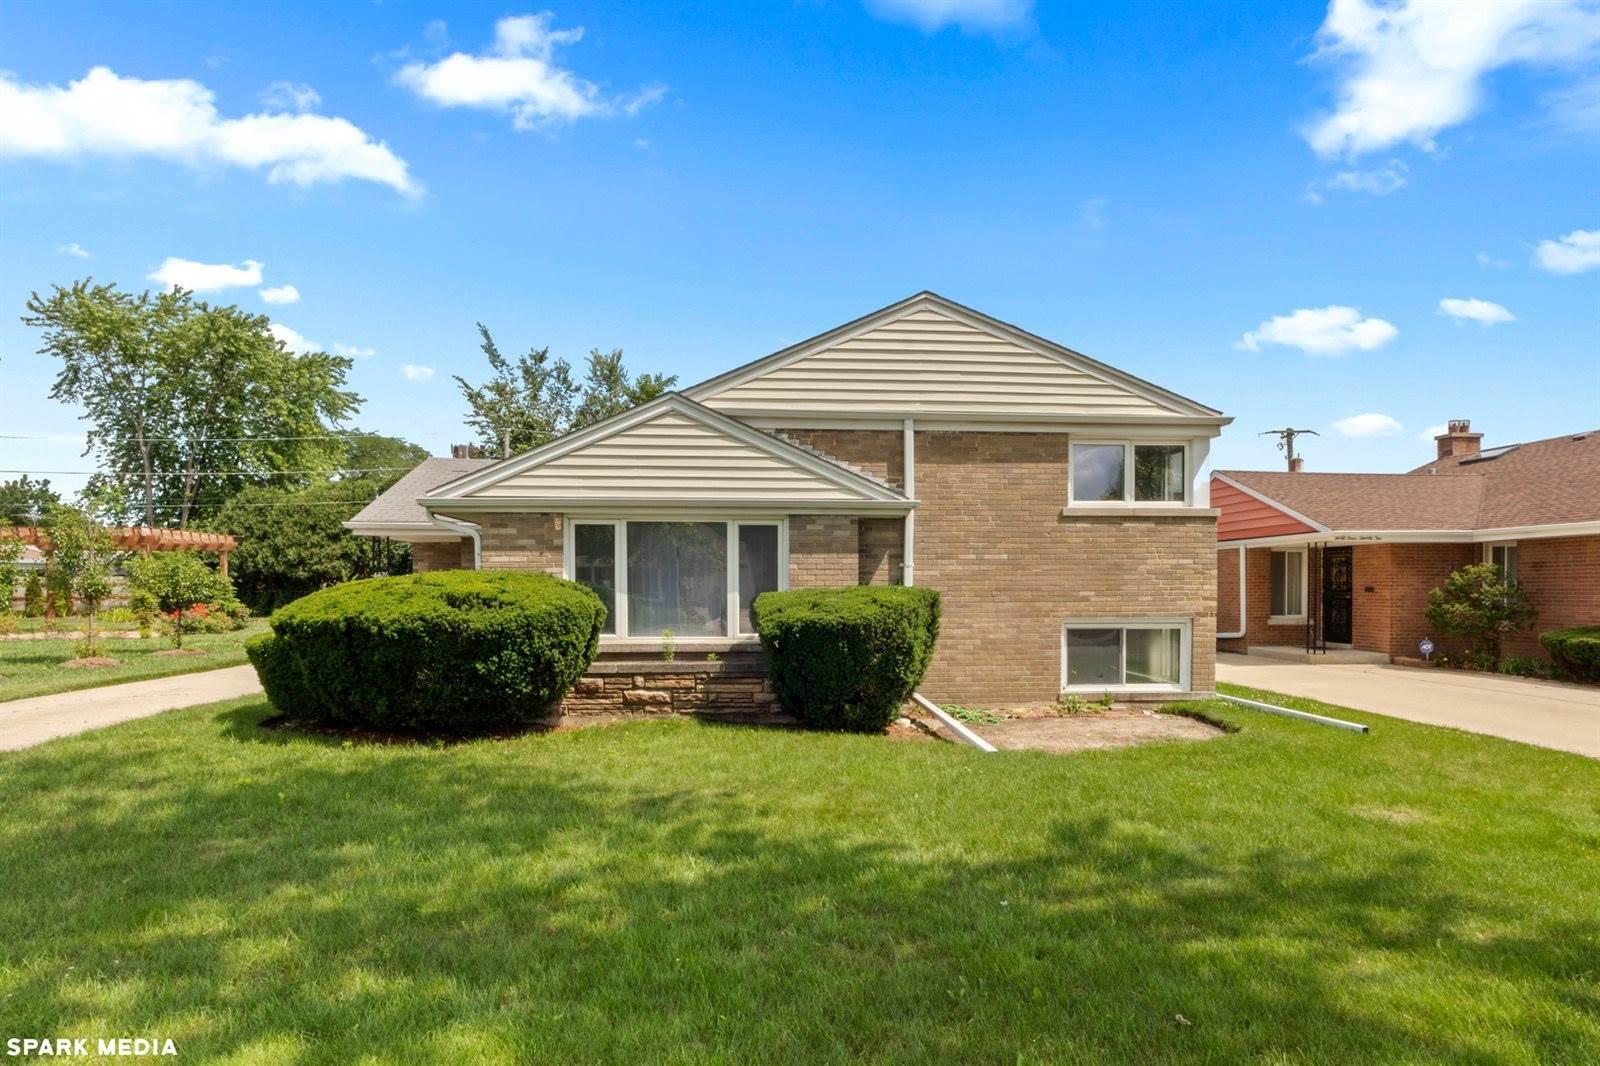 4426 West Estes Avenue, Lincolnwood, IL 60712